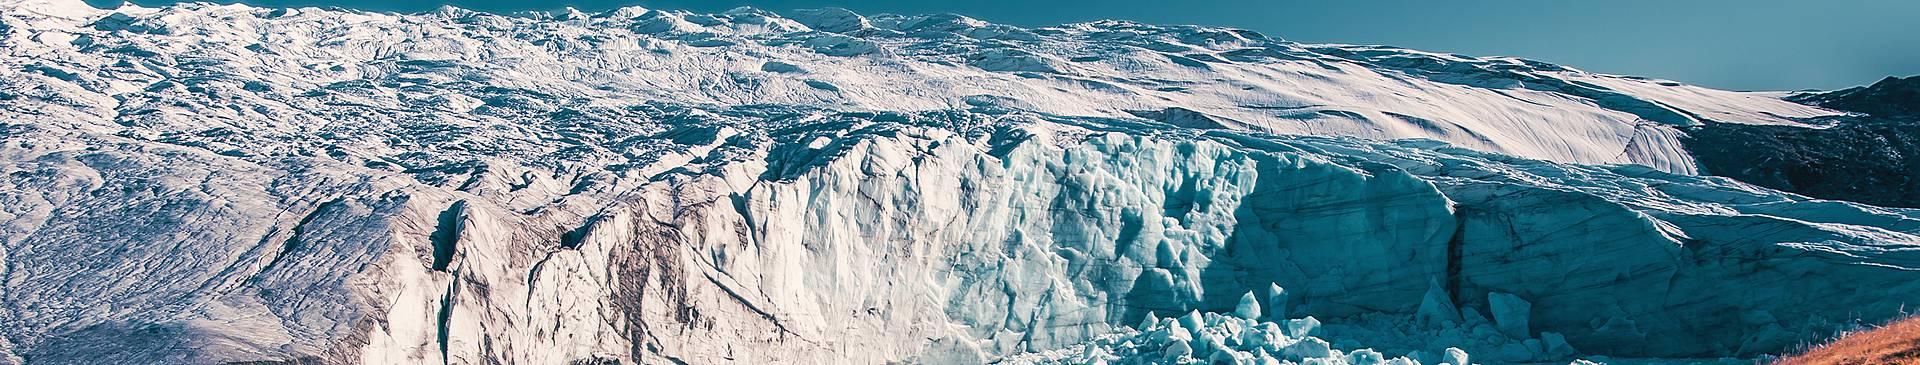 Short breaks in Greenland